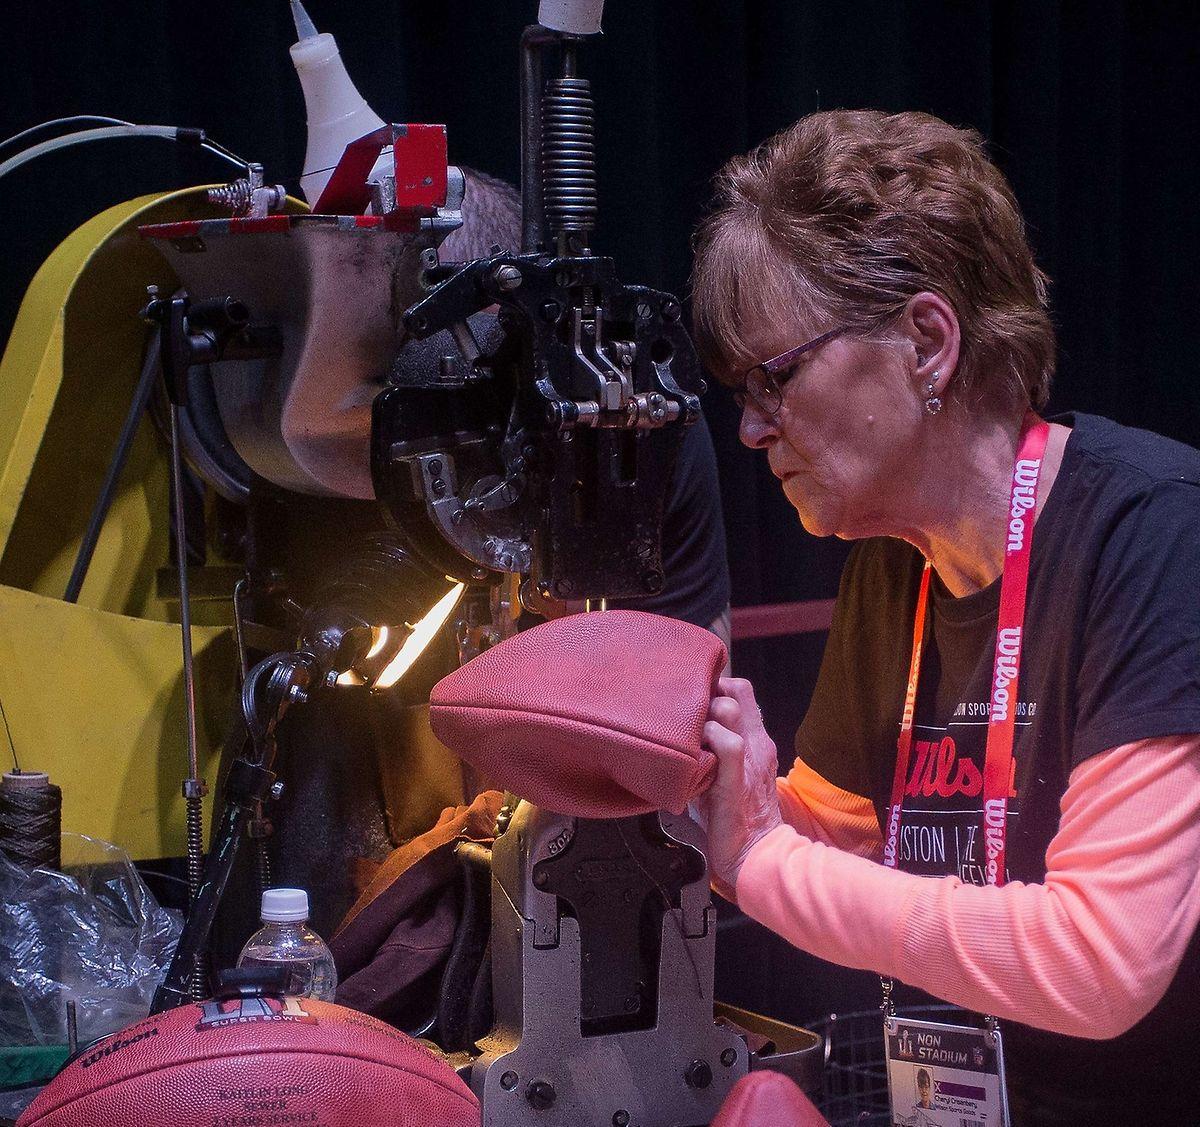 Eine Mitarbeiterin der produzierenden Firma näht die Bälle der NFL.